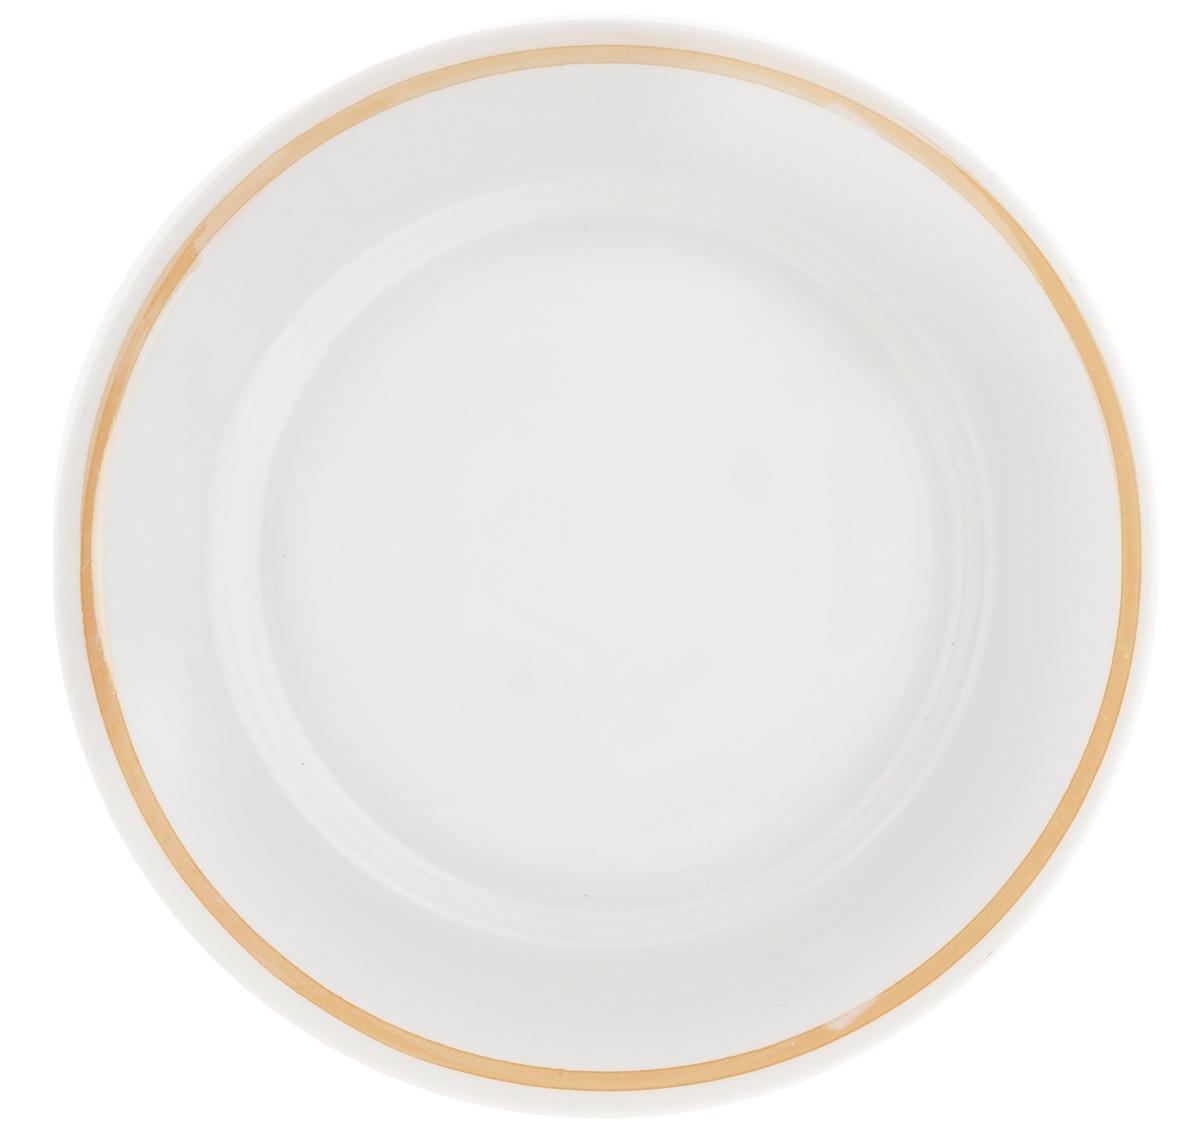 Тарелка десертная Фарфор Вербилок, диаметр 20 см. 81212408121240Десертная тарелка Фарфор Вербилок, изготовленная из фарфора. Такая тарелка прекрасно подходит как для торжественных случаев, так и для повседневного использования. Идеальна для подачи десертов, пирожных, тортов и многого другого. Она прекрасно оформит стол и станет отличным дополнением к вашей коллекции кухонной посуды. Диаметр тарелки (по верхнему краю): 20 см.